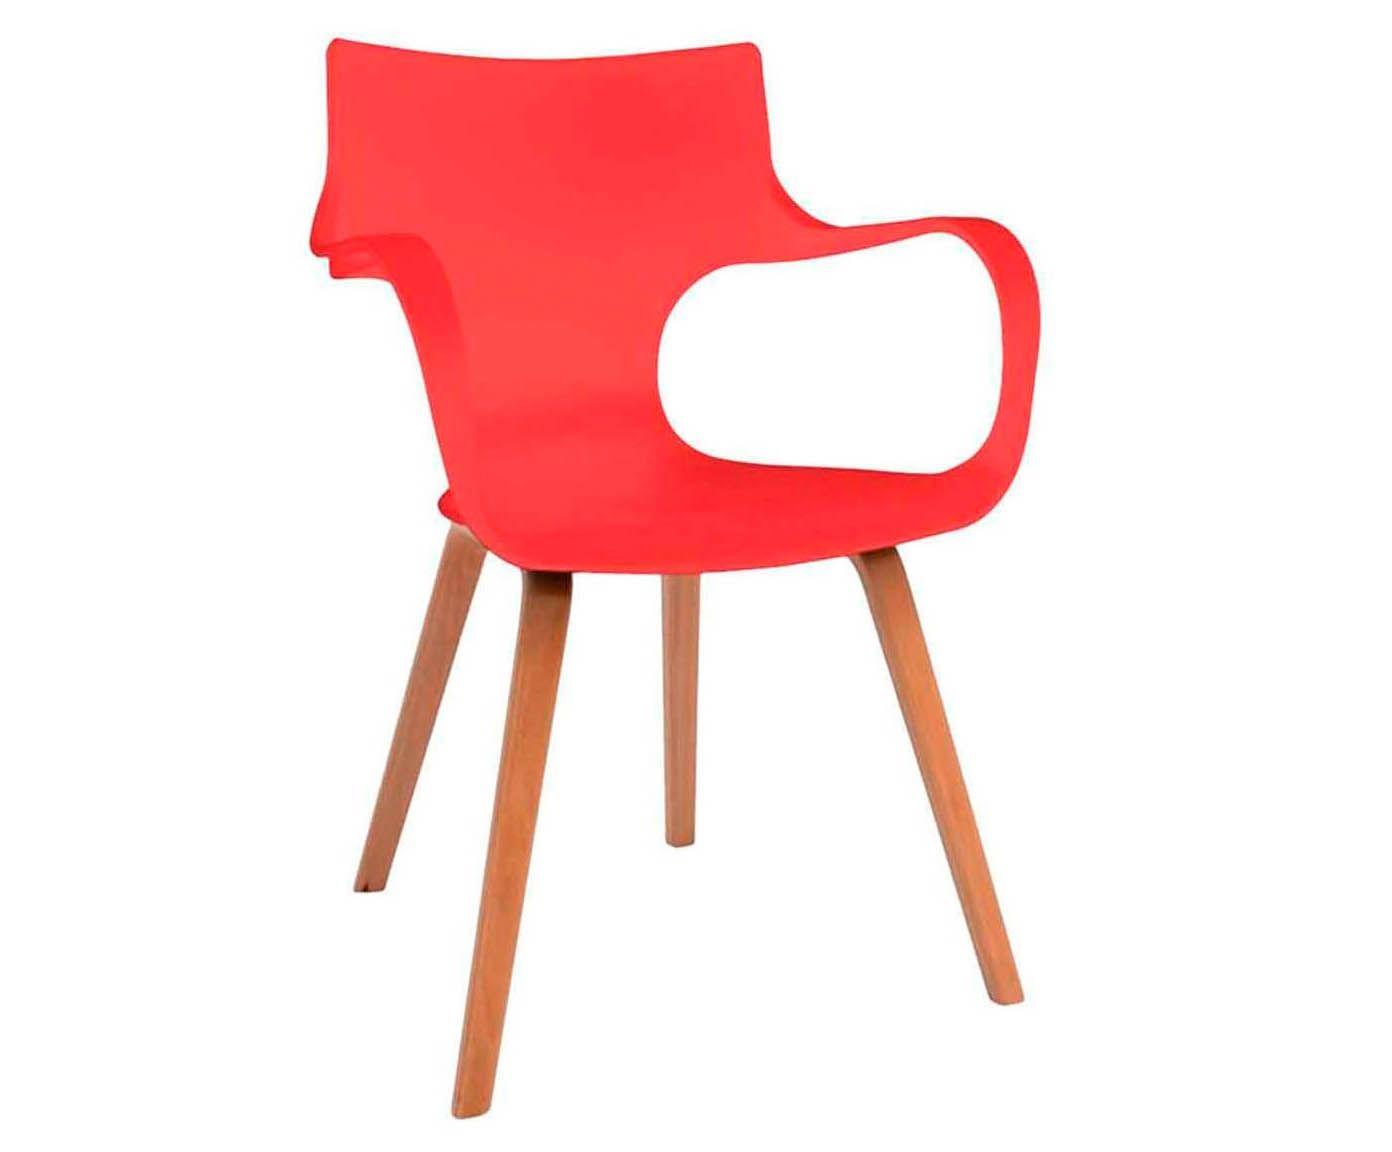 Cadeira Curves - Vermelha   Westwing.com.br